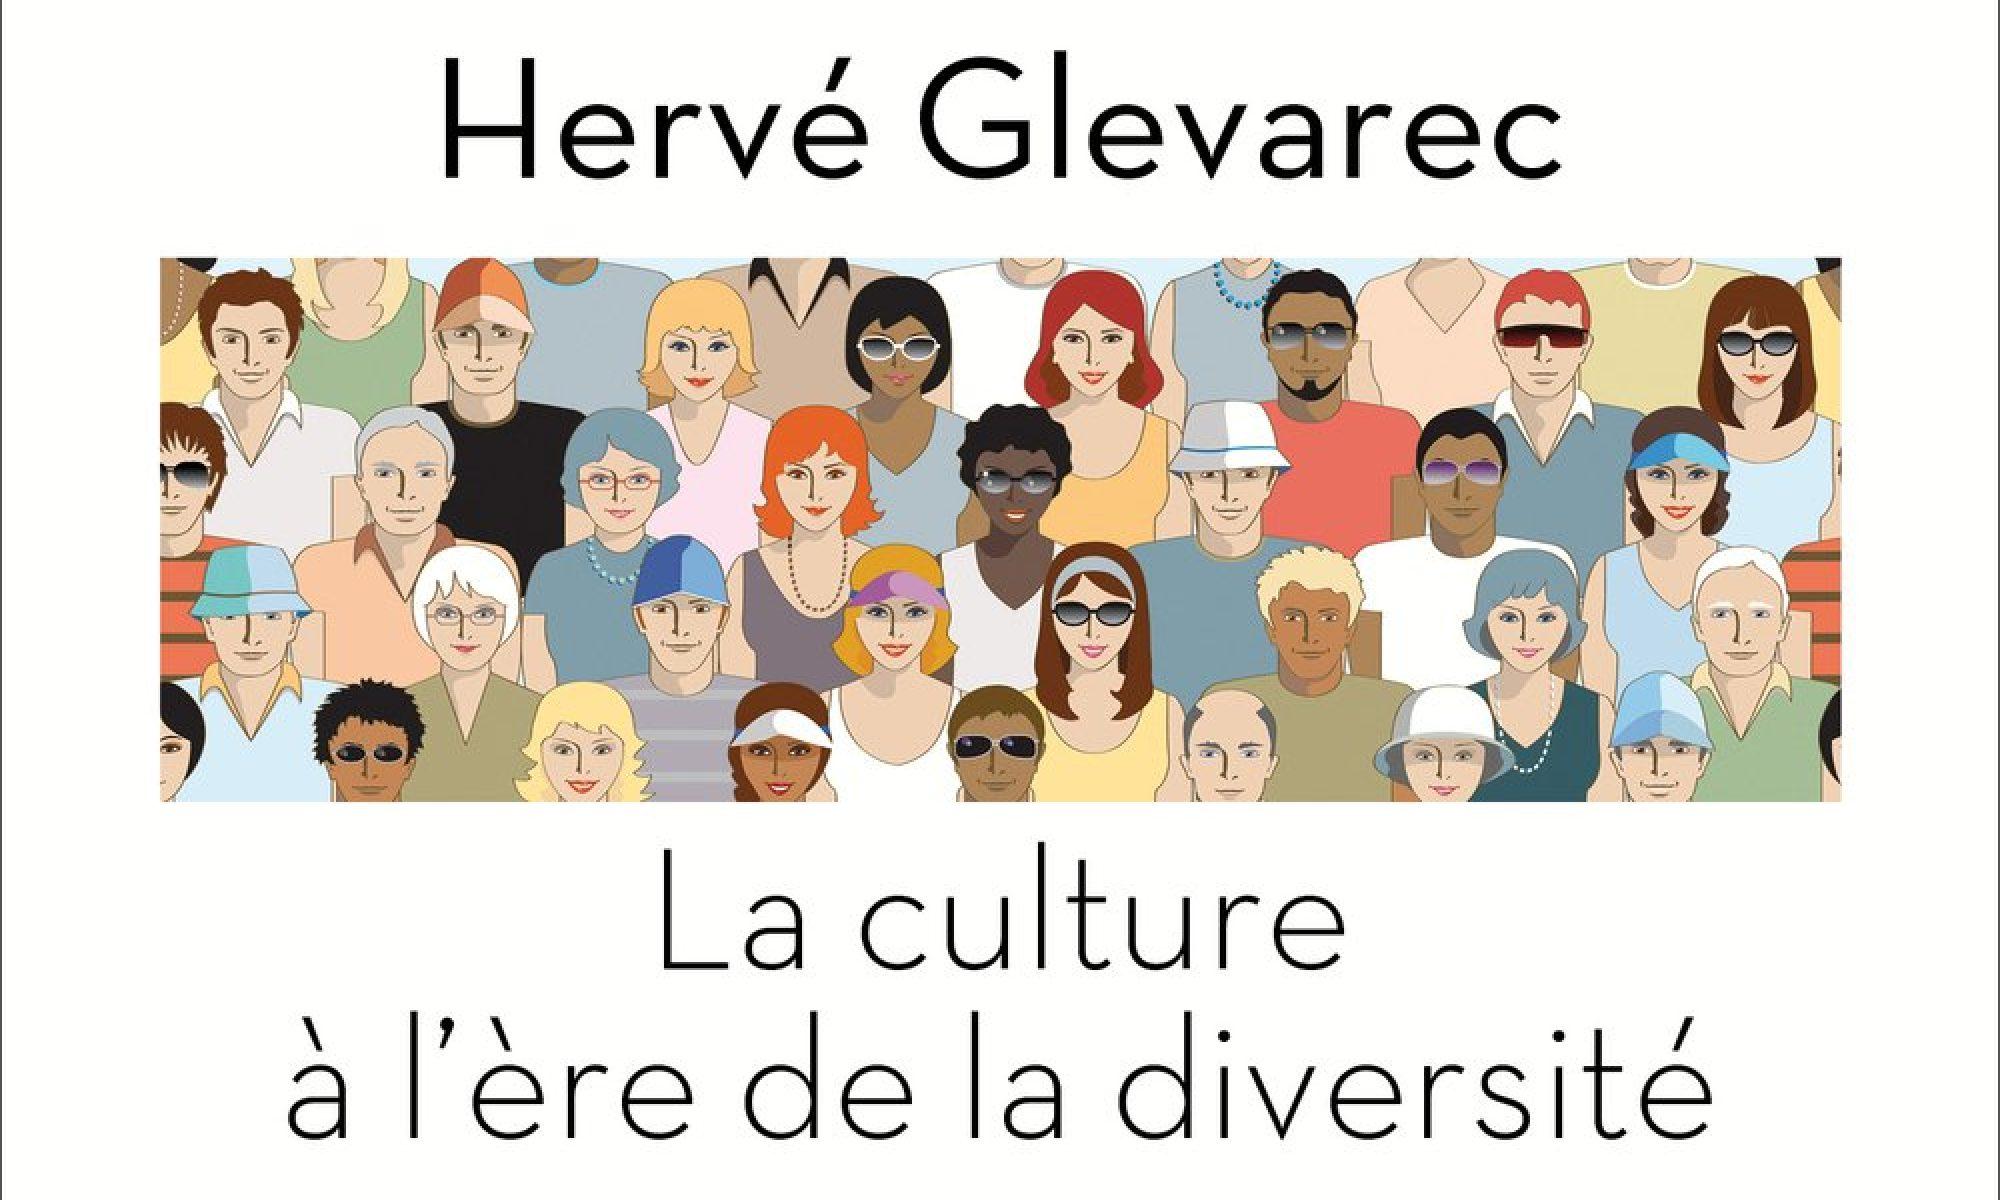 Hervé Glevarec